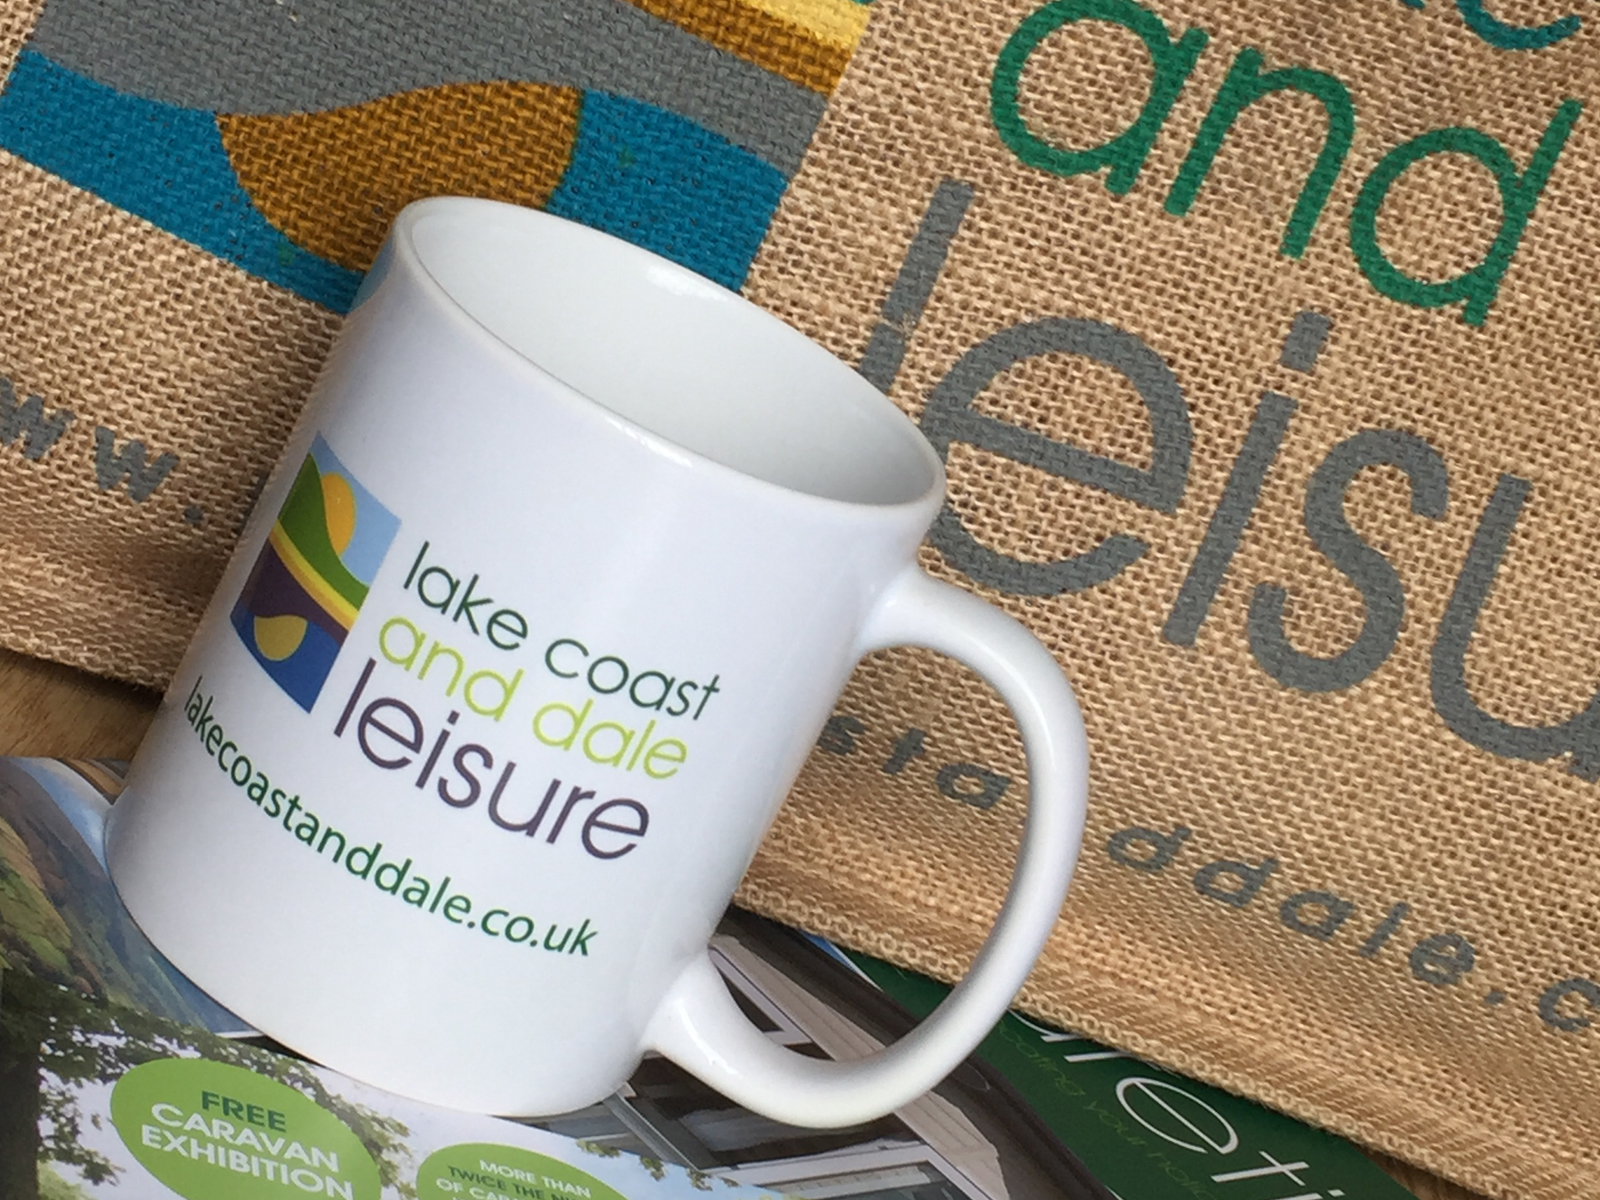 Lakes, Coast & Dales Mug